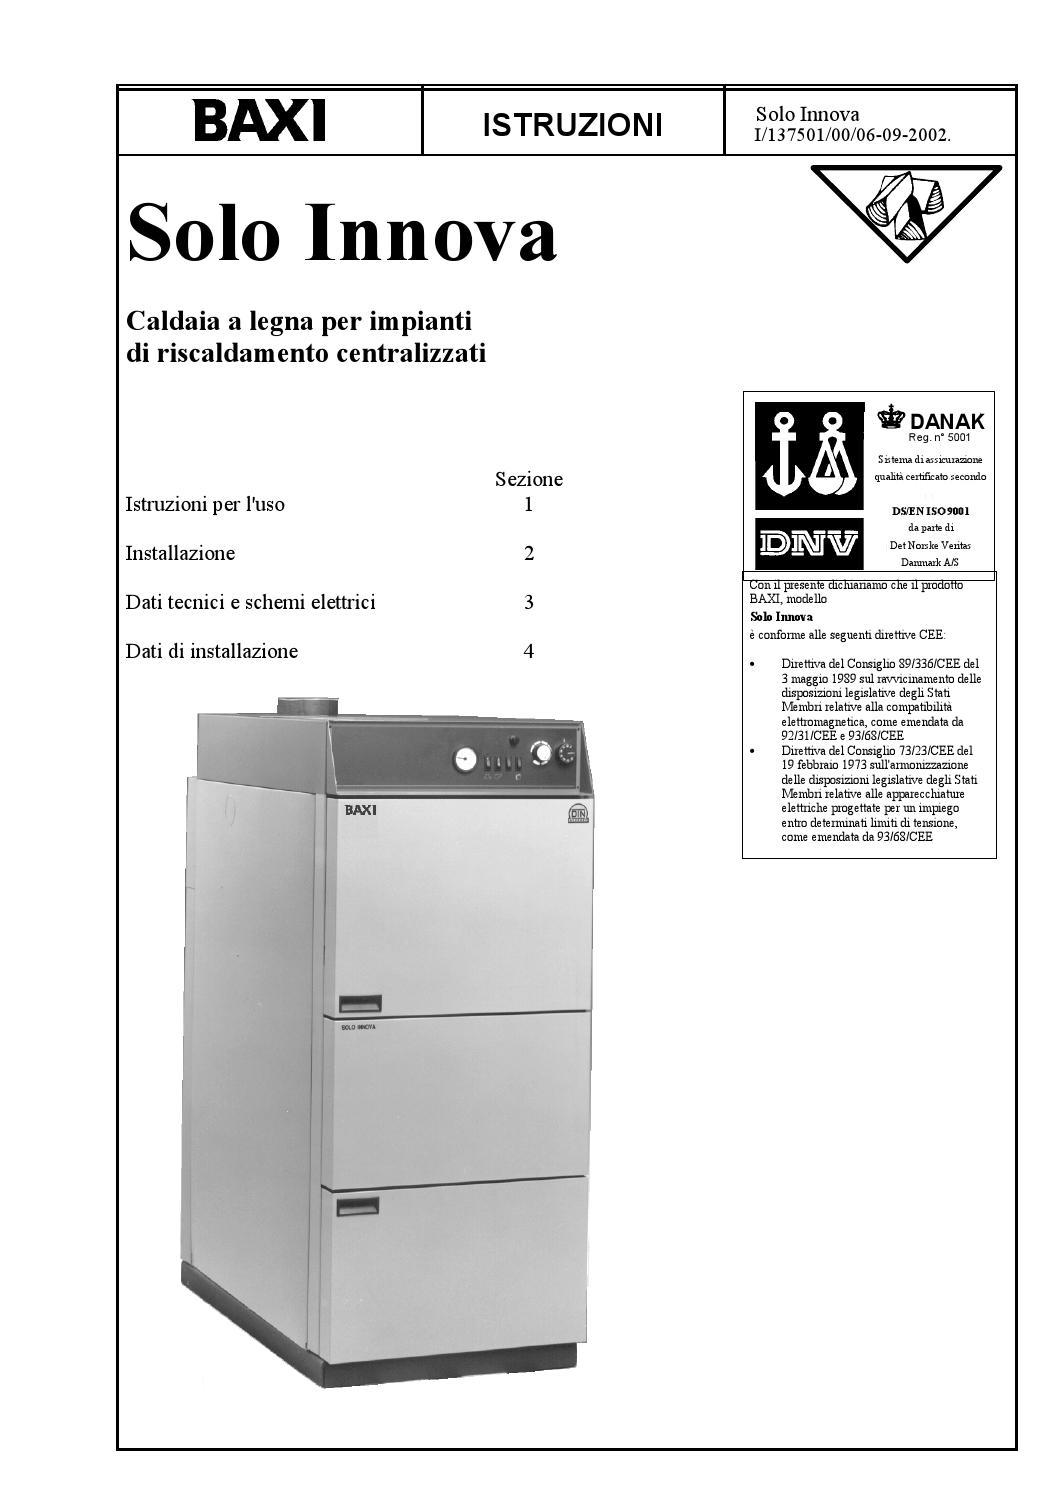 Manuale solo innova baxi by baxi spa issuu for Istruzioni caldaia baxi